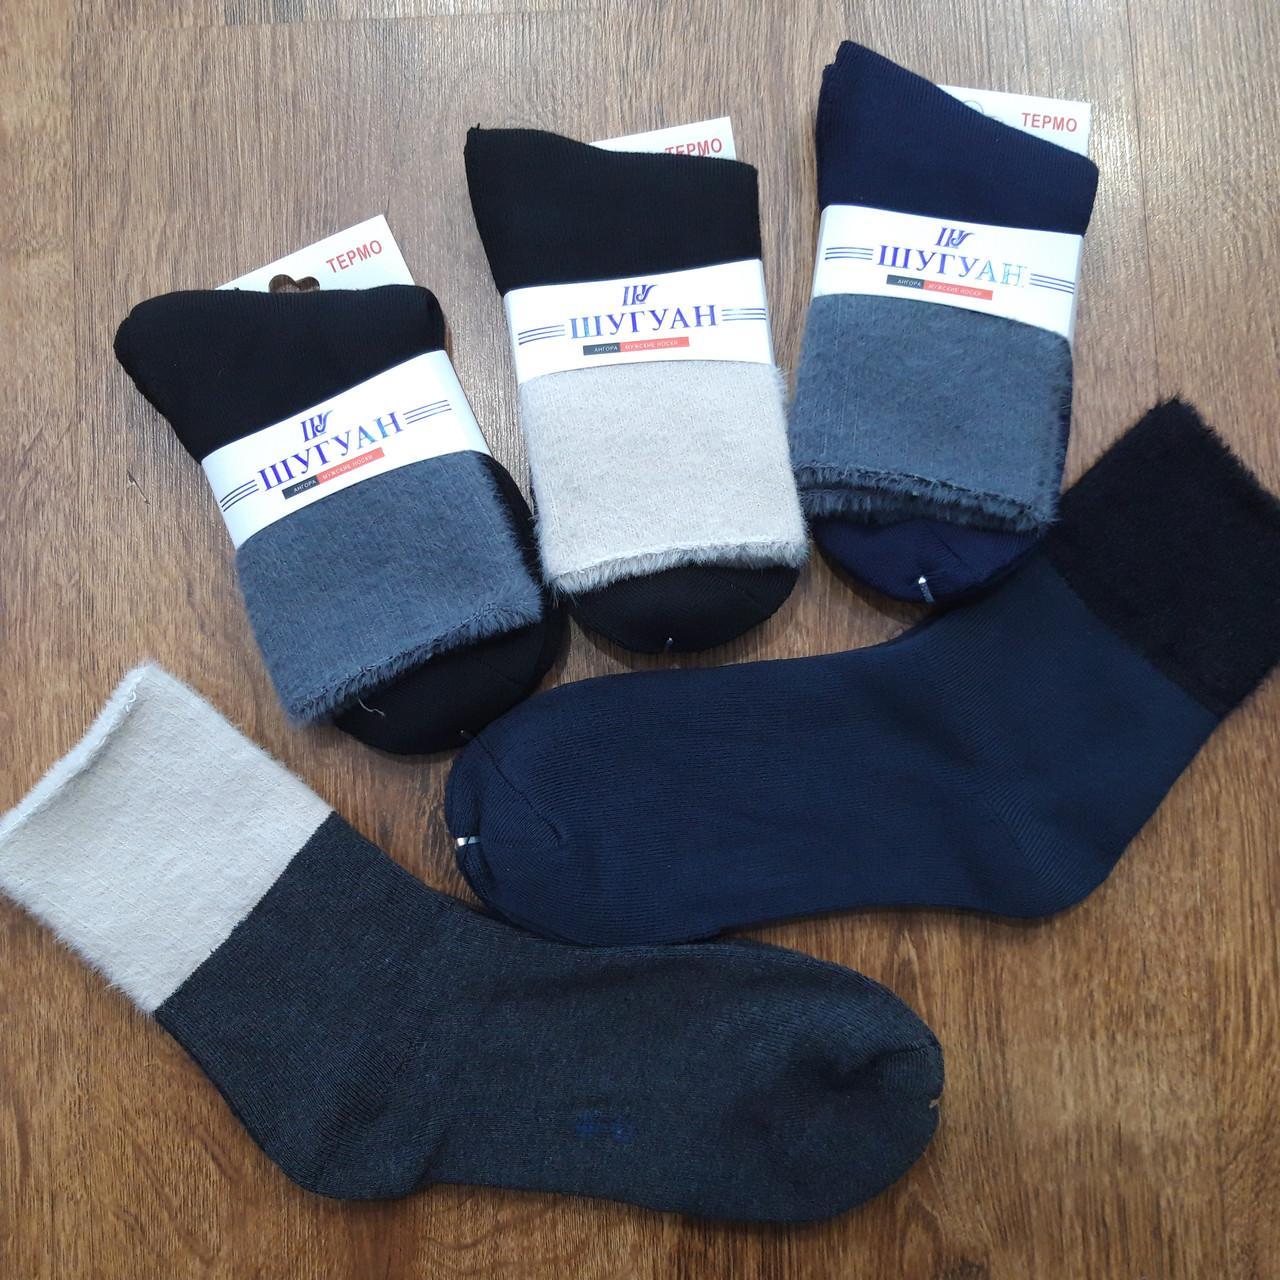 """Жіночі ангорові махрові шкарпетки з відворотом""""Шугуан"""" 40-43"""